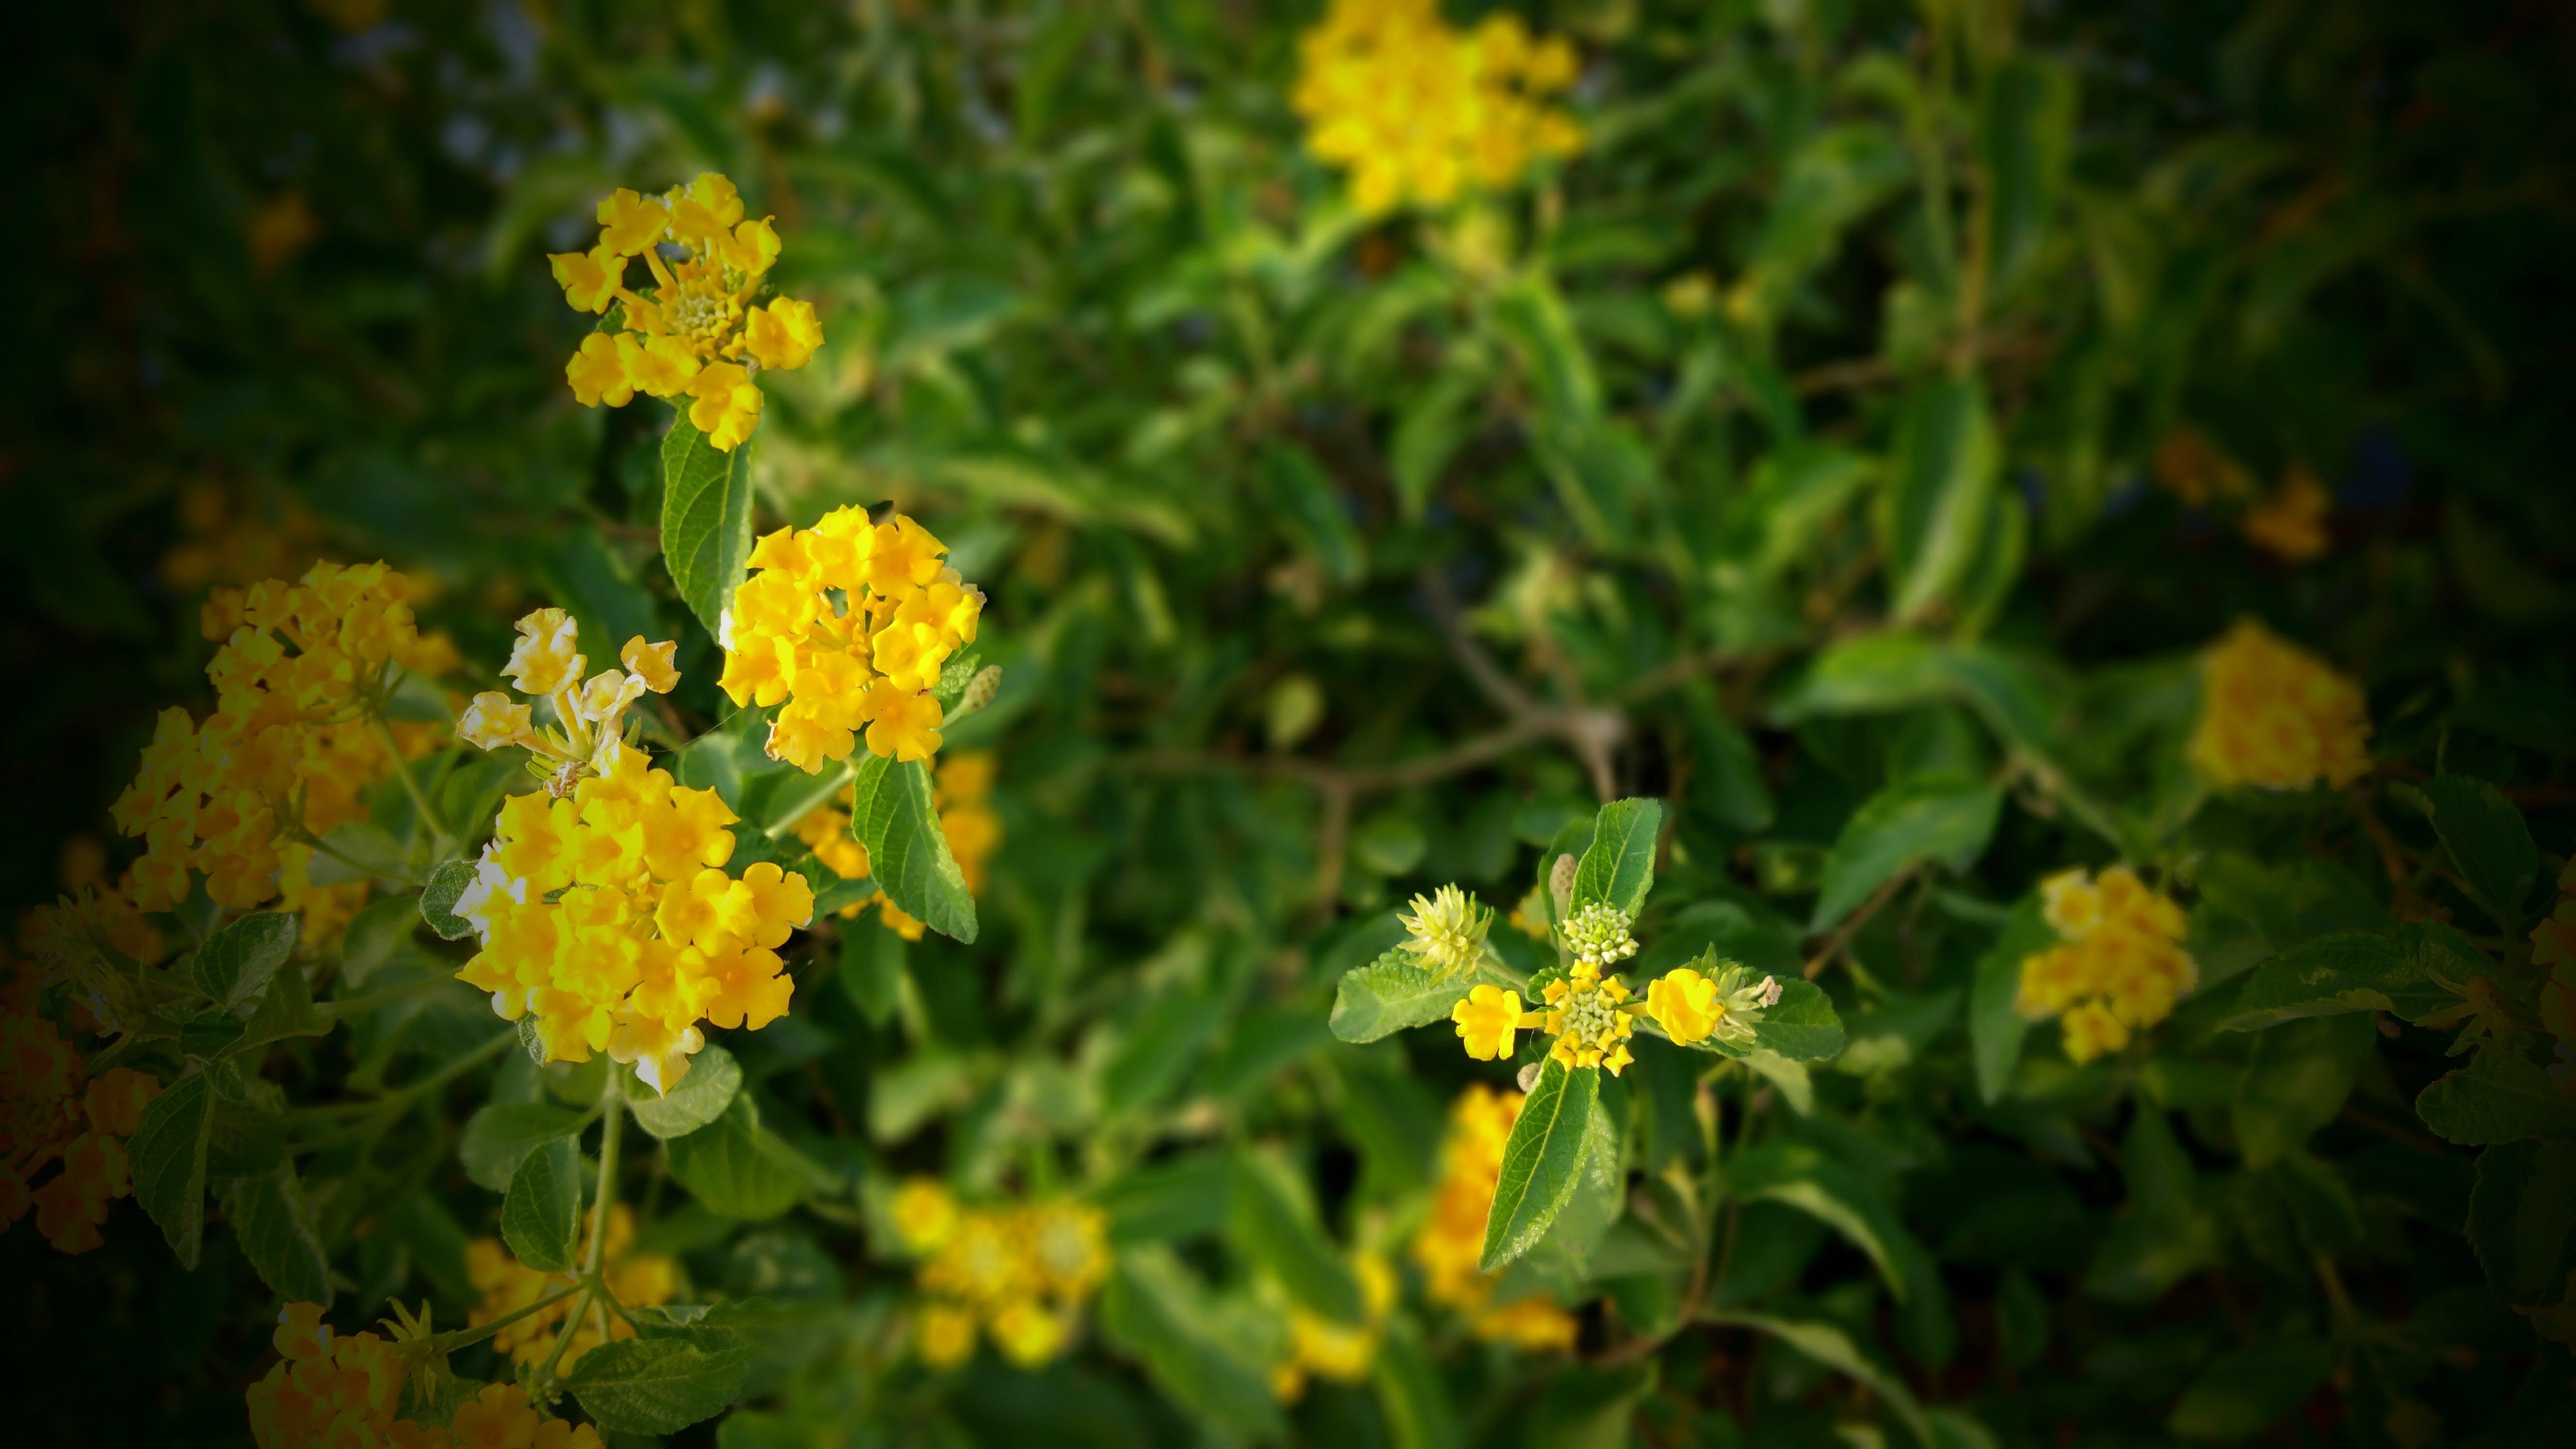 beautiful flowers, bloom, blooming